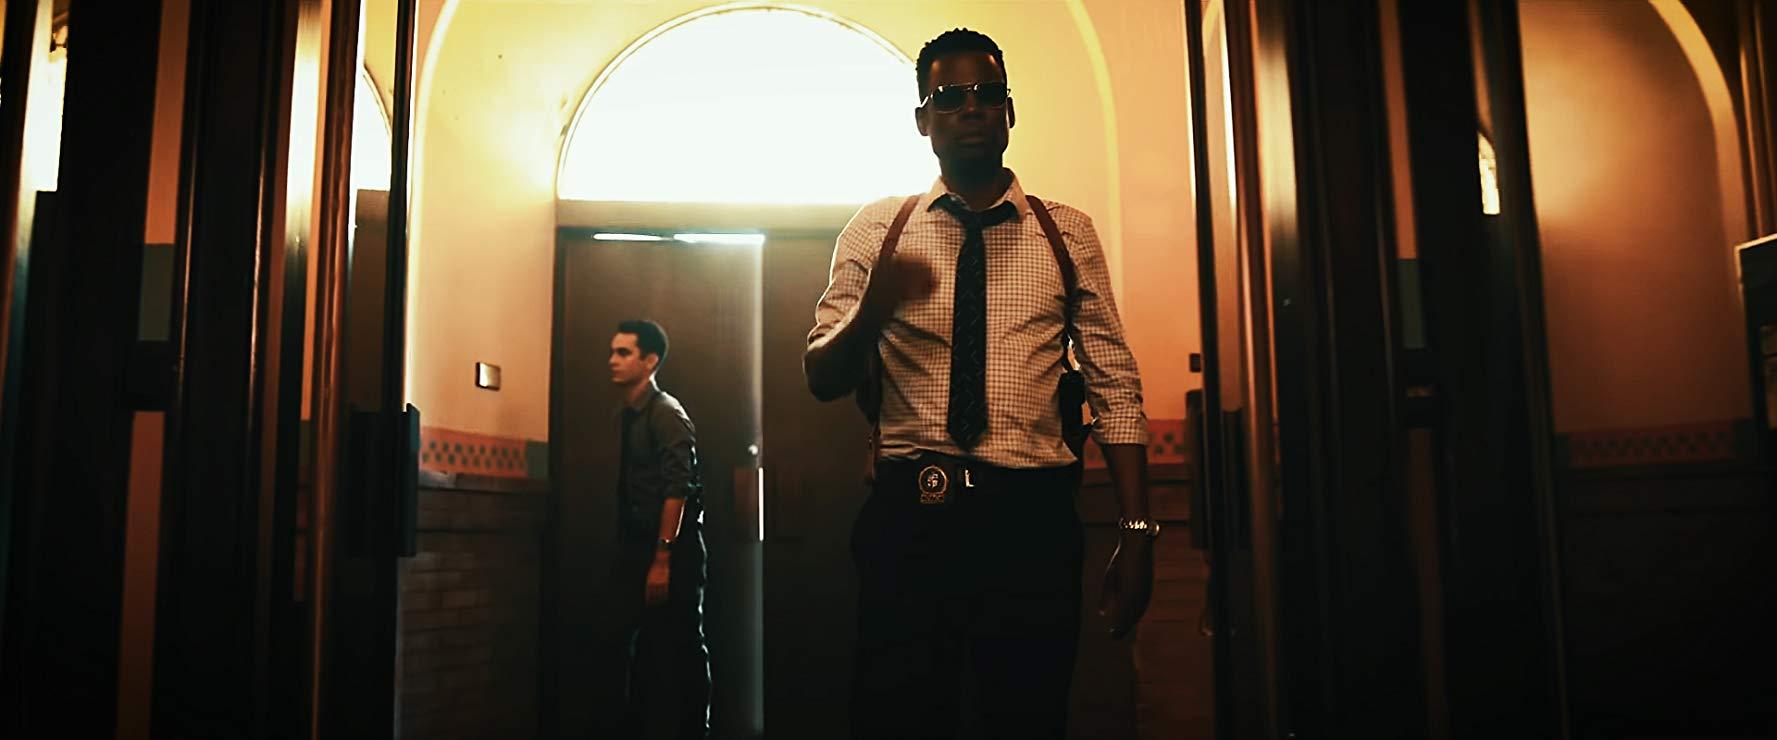 Spiral : le réalisateur promet que son film aura un aspect visuel unique